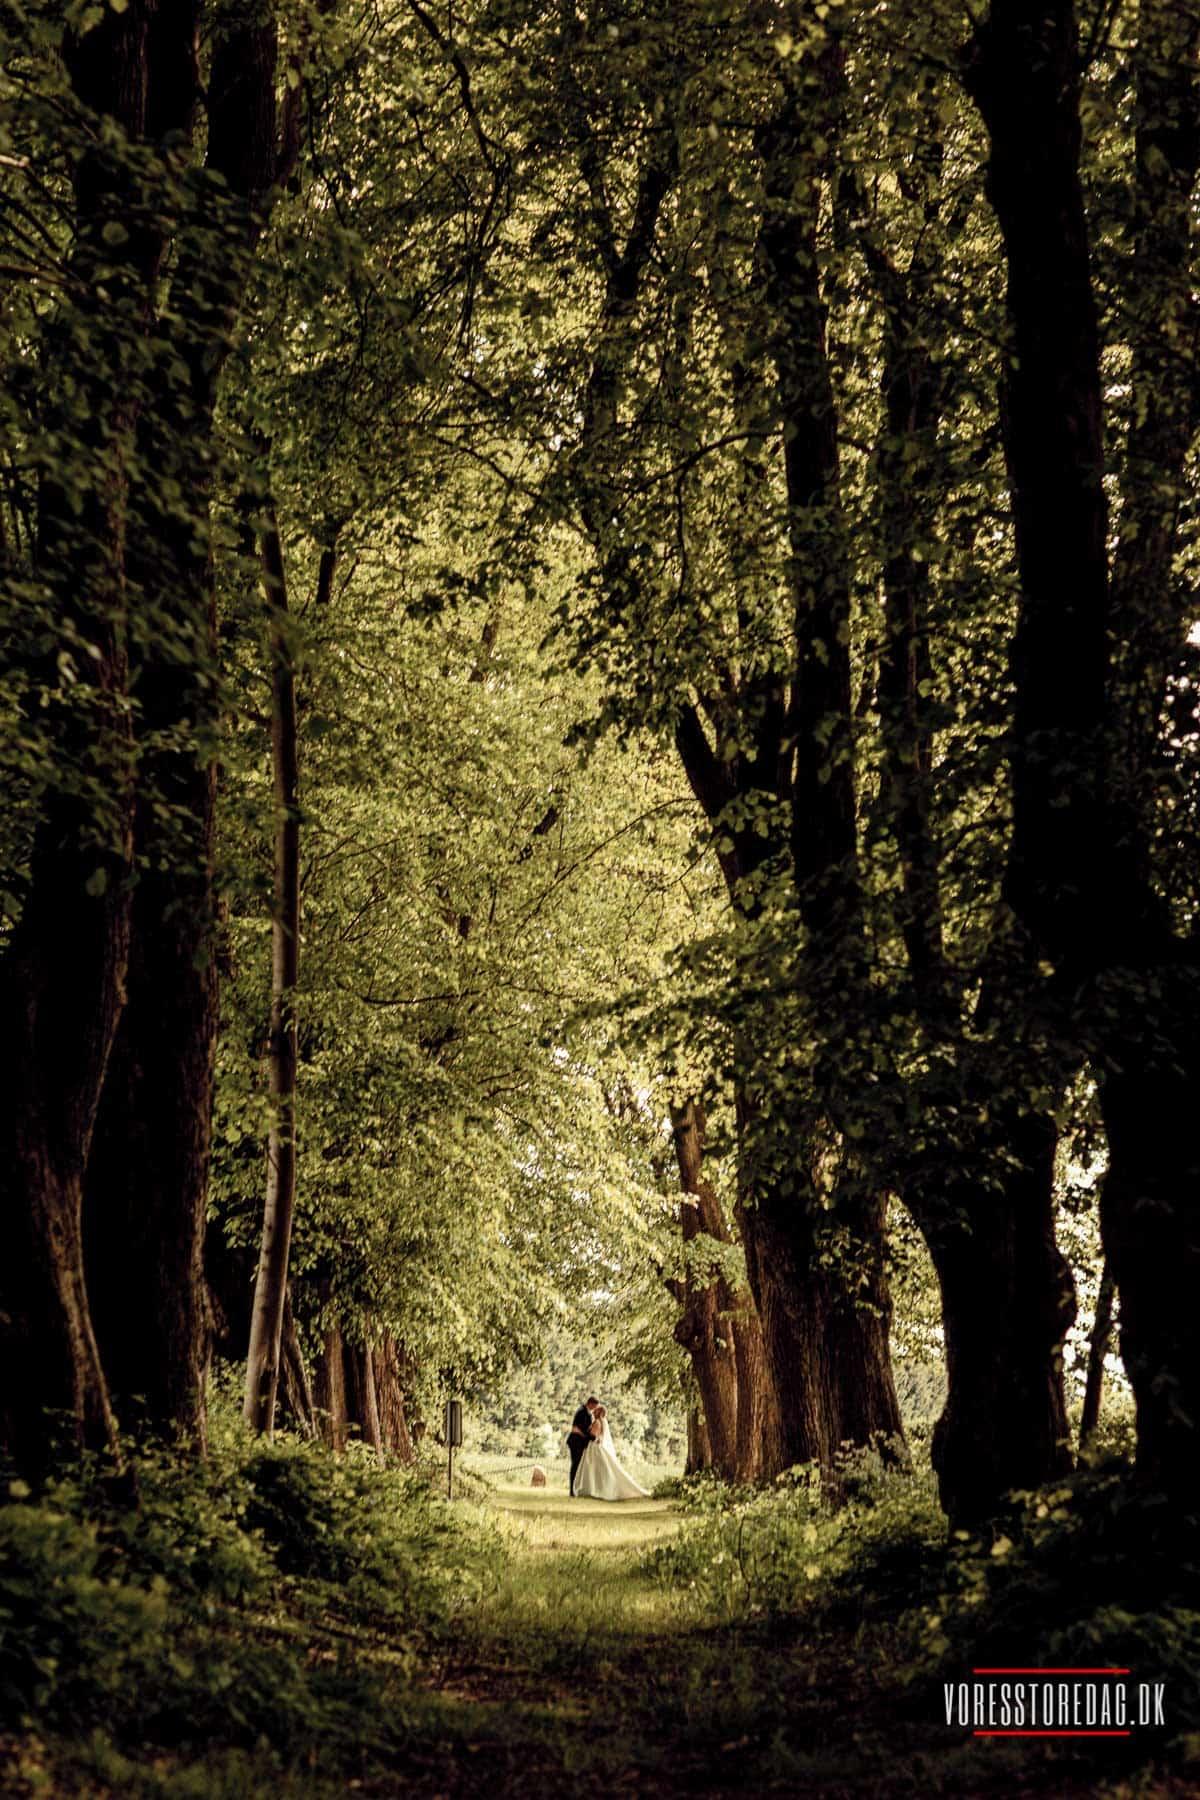 et romantisk og personligt bryllup på toppen af Danmark omgivet af skov